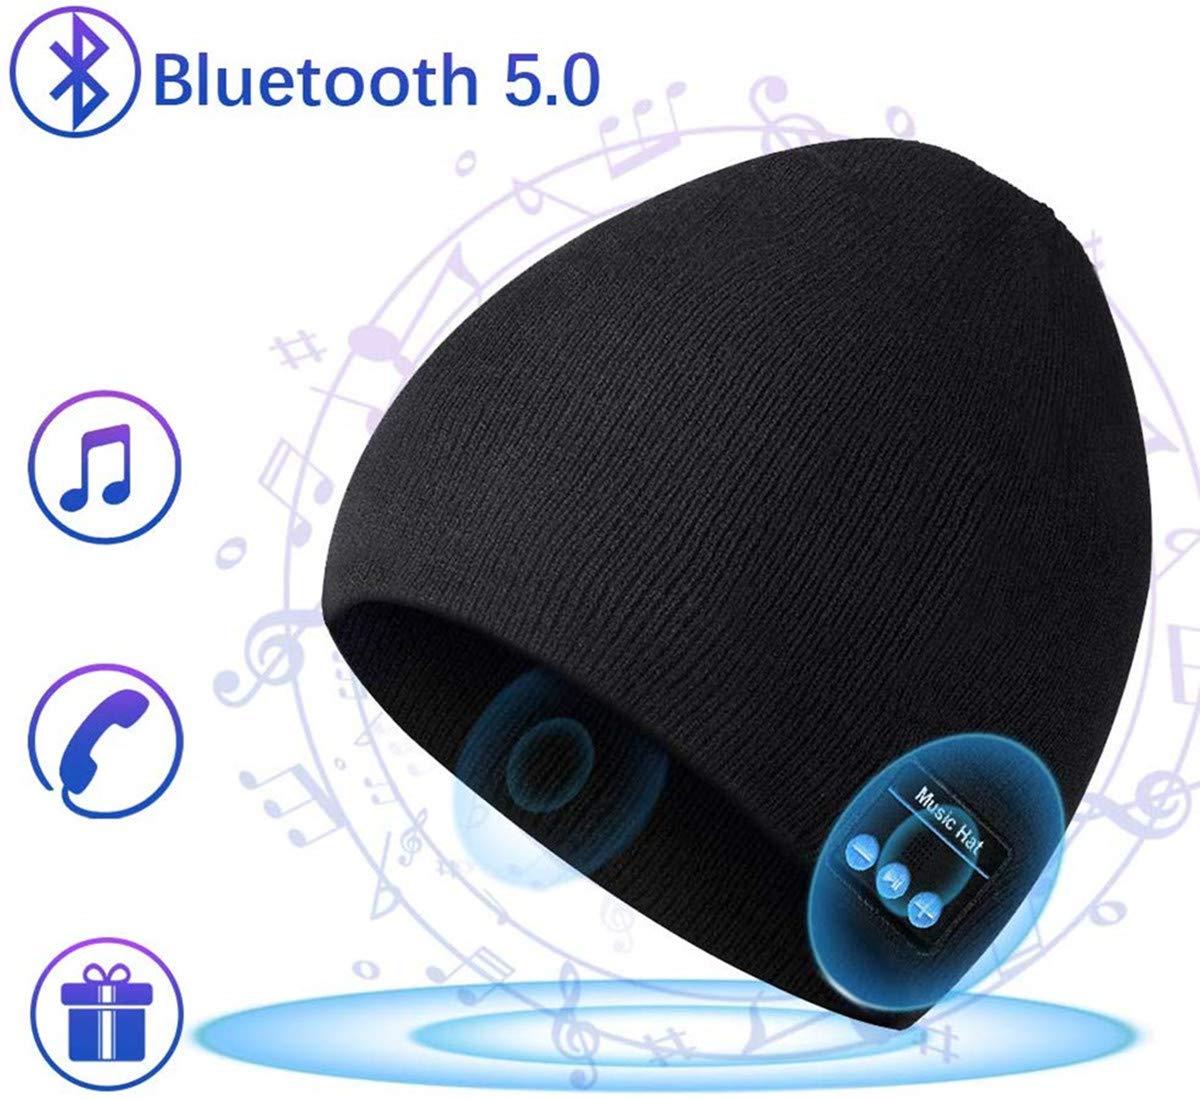 Berretto musicale Bluetooth, cappello lavorato a maglia bluetooth unisex con cuffie stereo e microfono vivavoce per… 1 spesavip